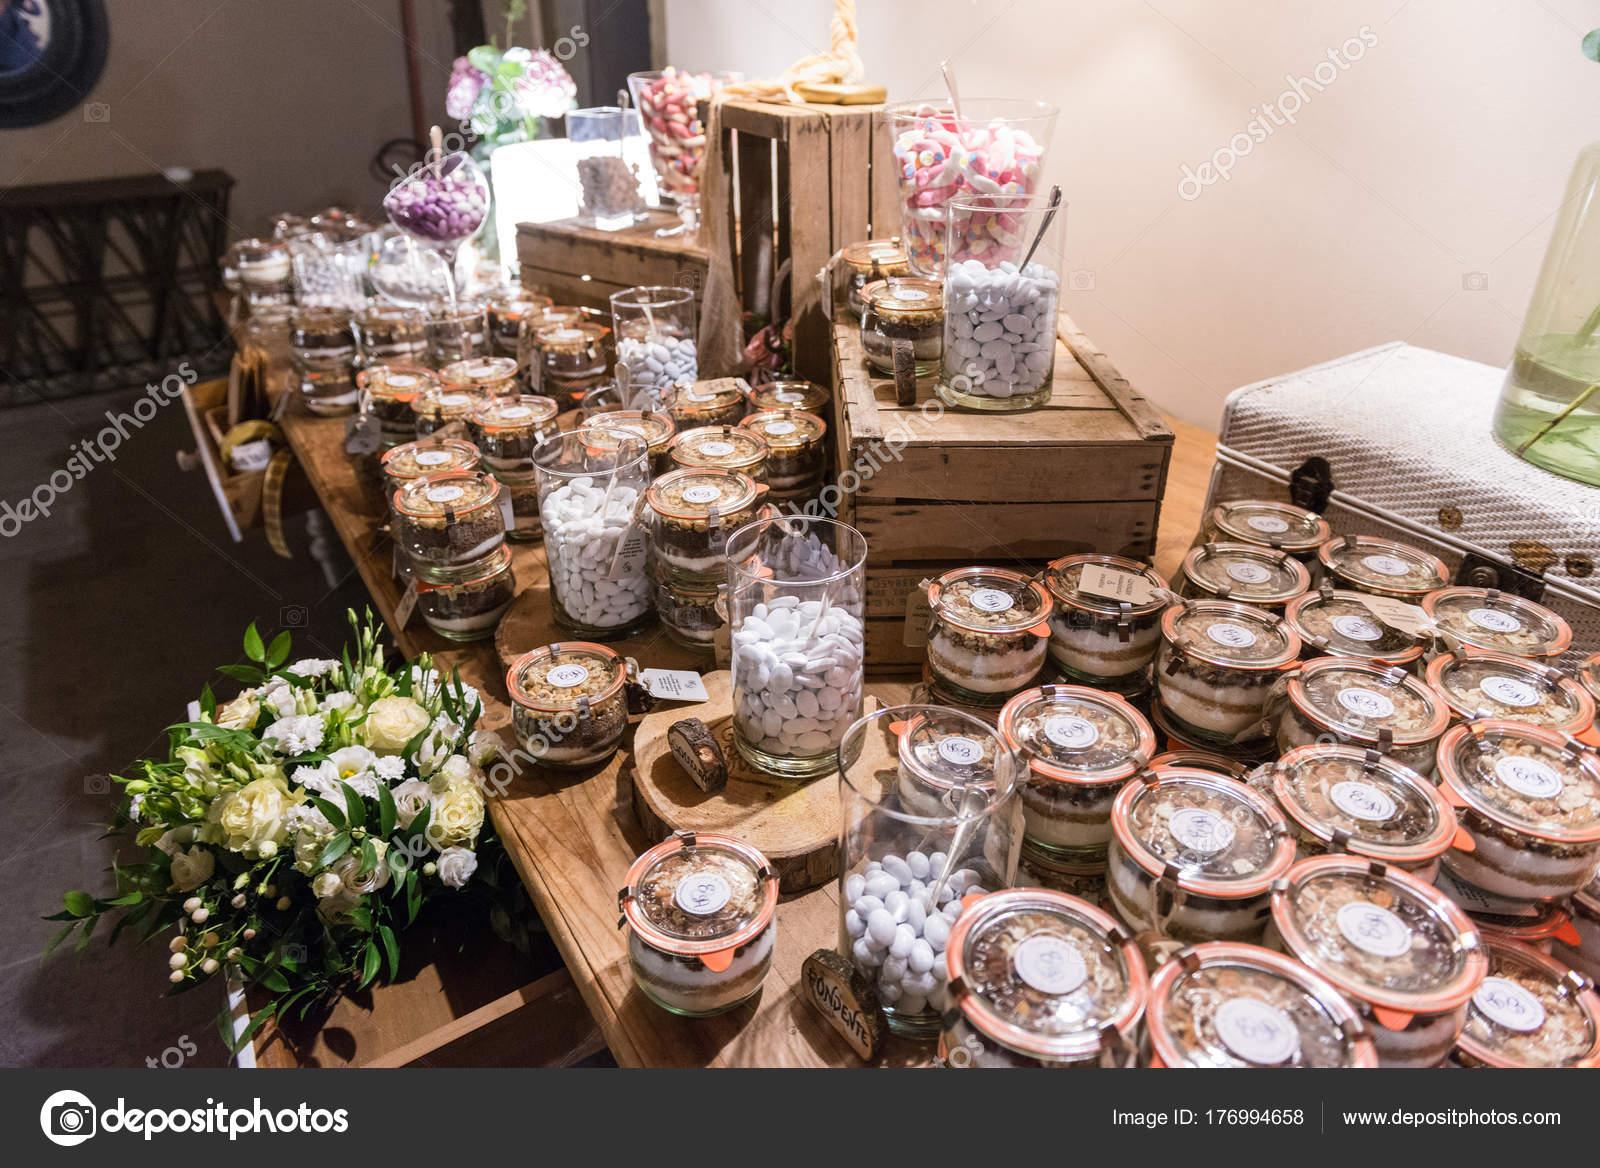 Elegante Hochzeit Candy Bar Tisch Catering Anordnung Stockfoto